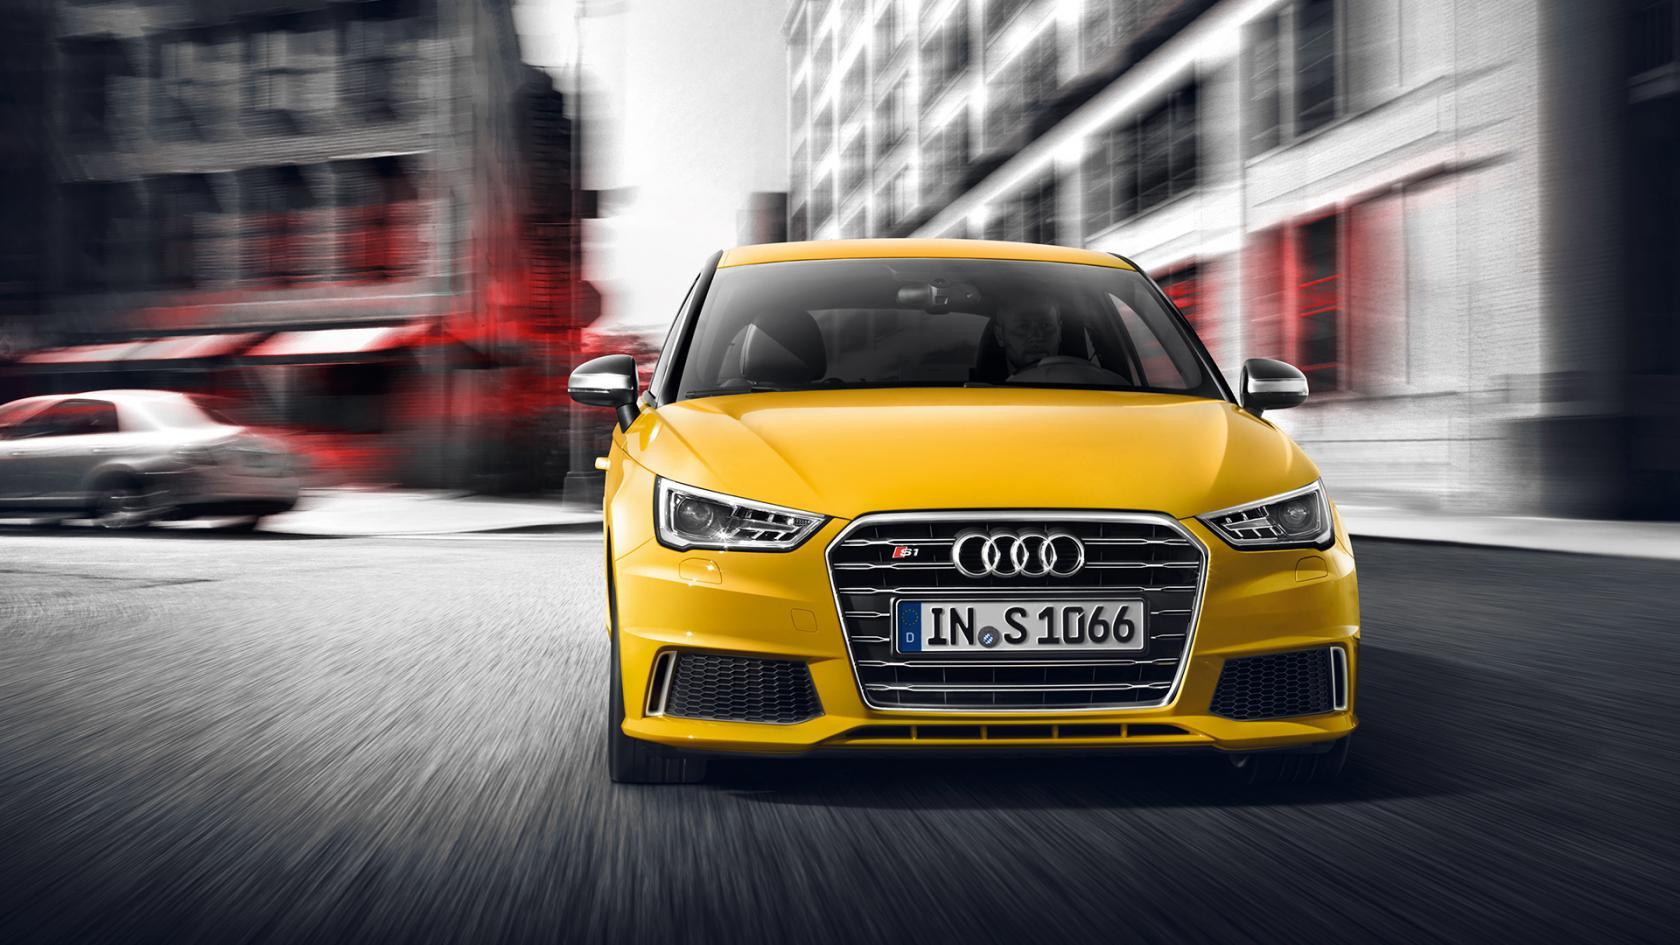 Audi S1 vue avant